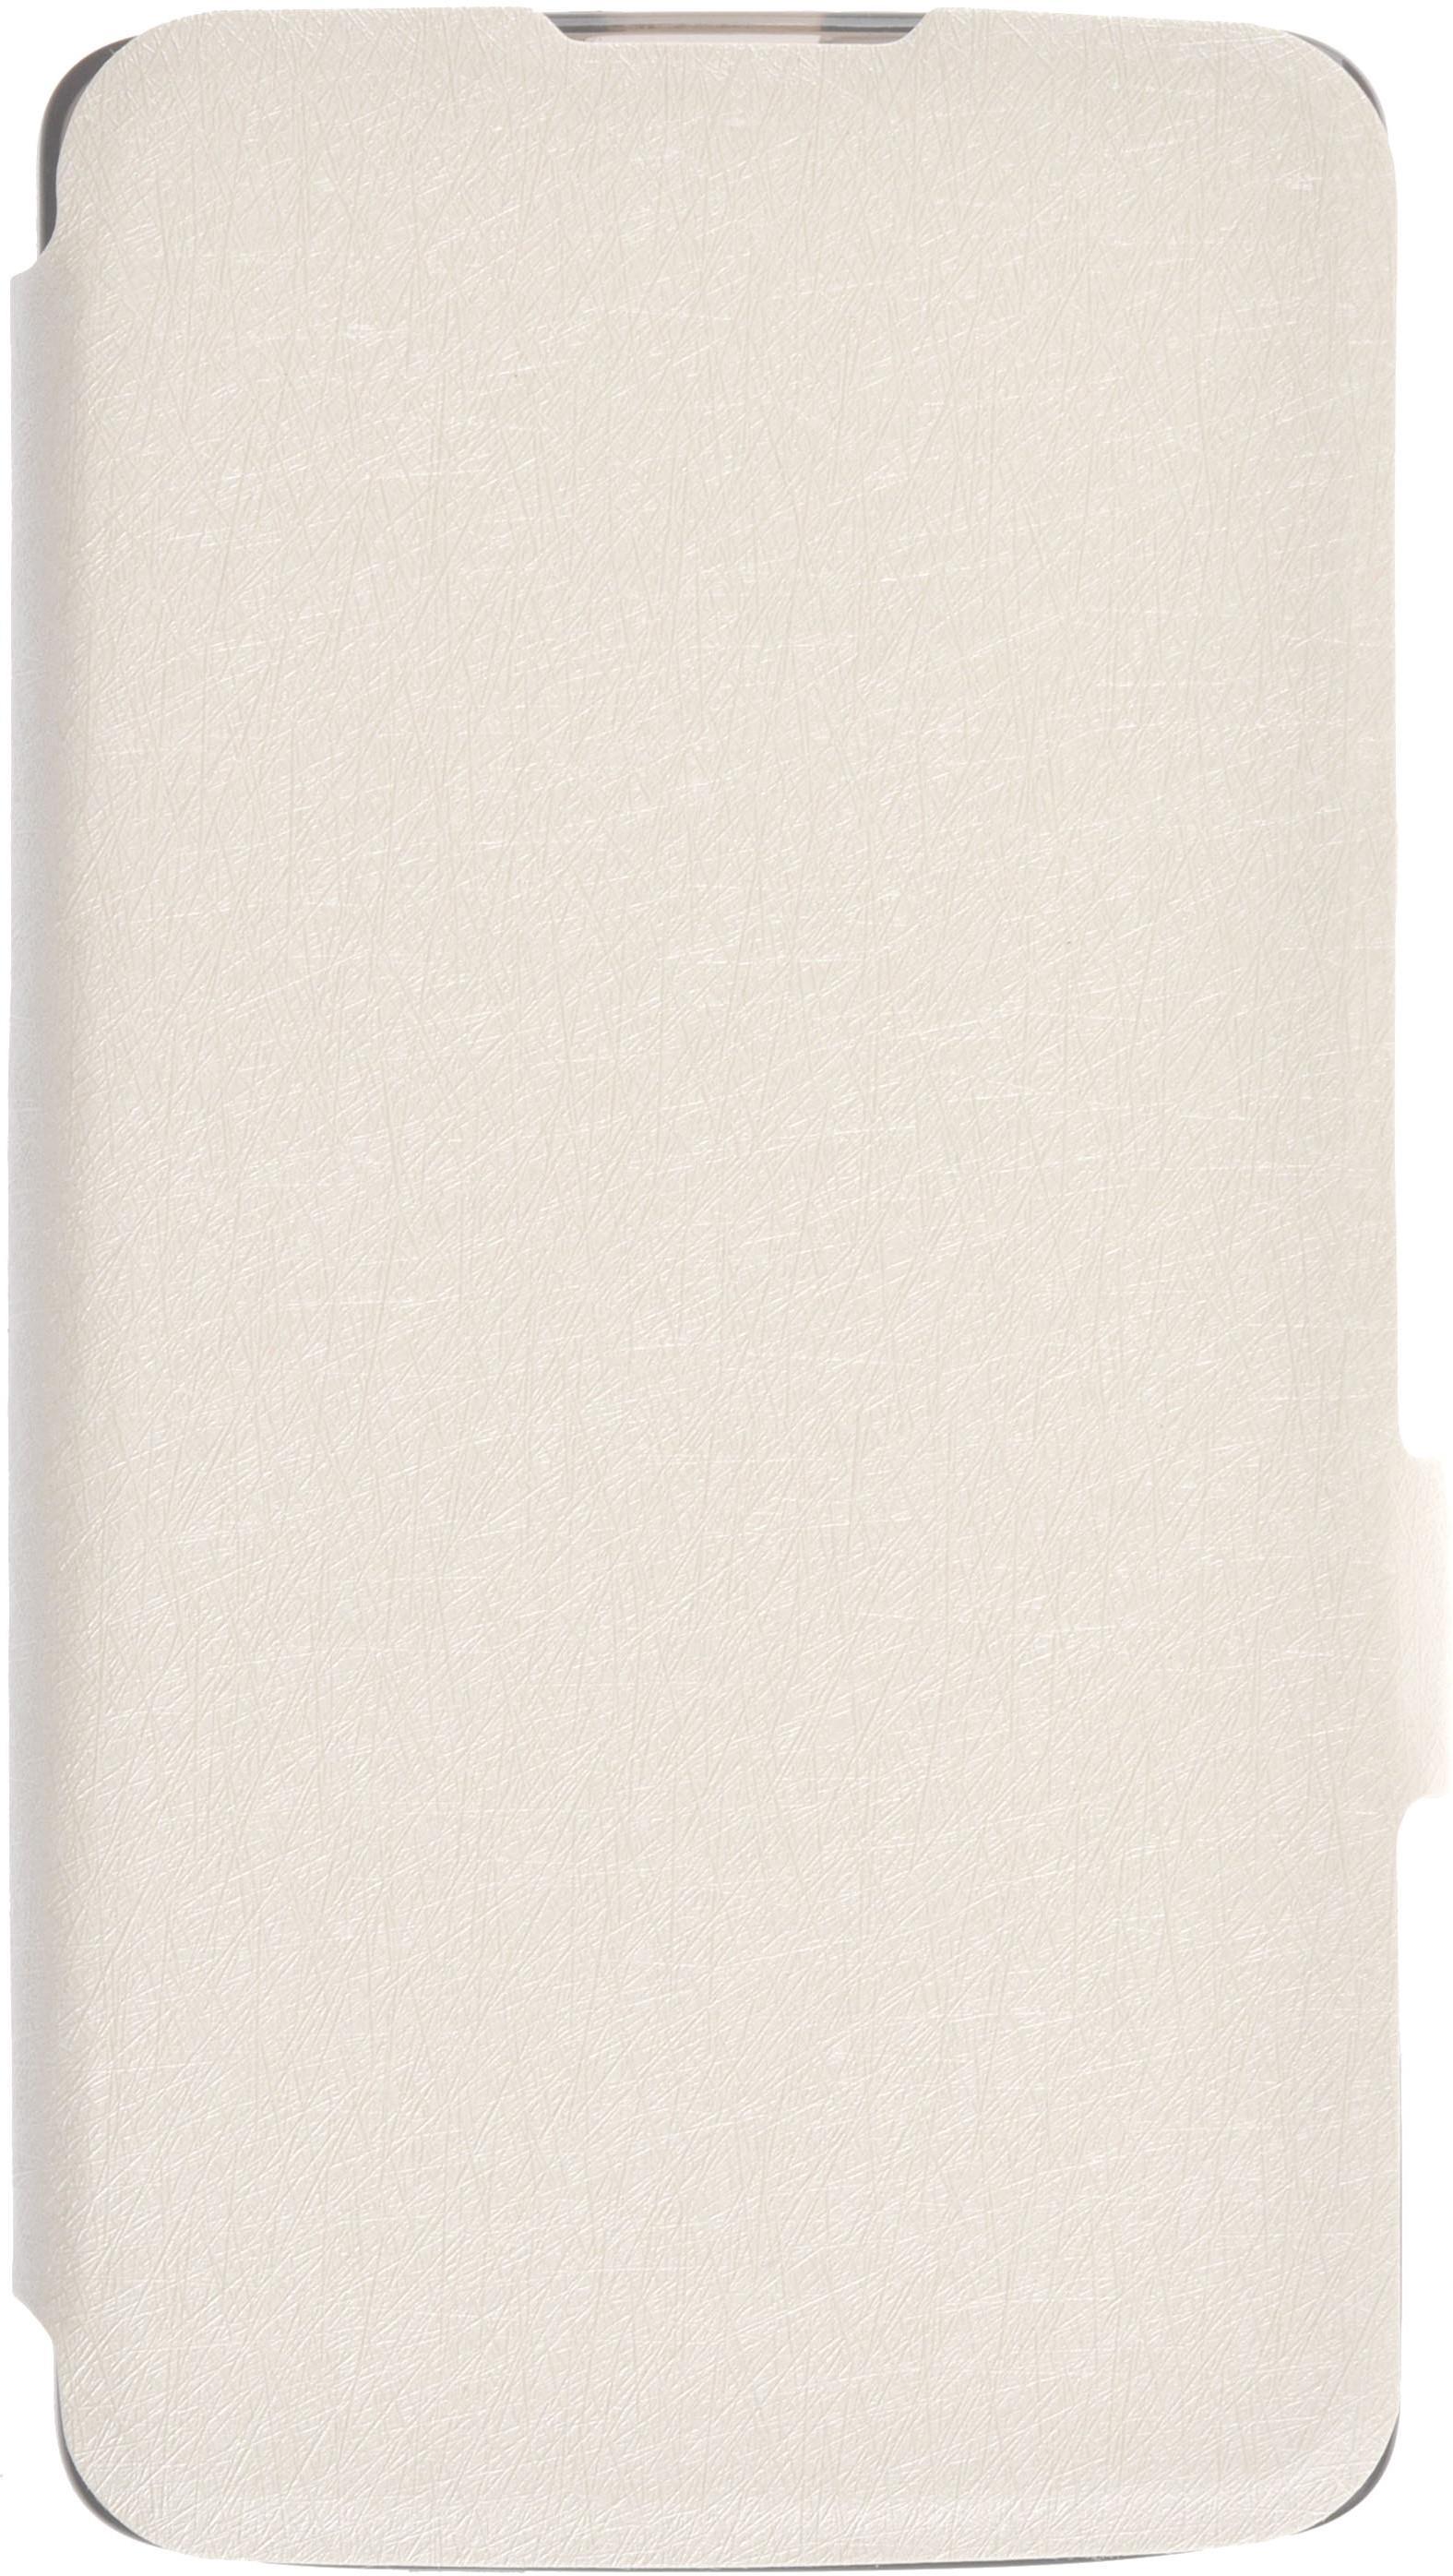 Чехол для сотового телефона PRIME Book, 4630042527522, белый недорго, оригинальная цена